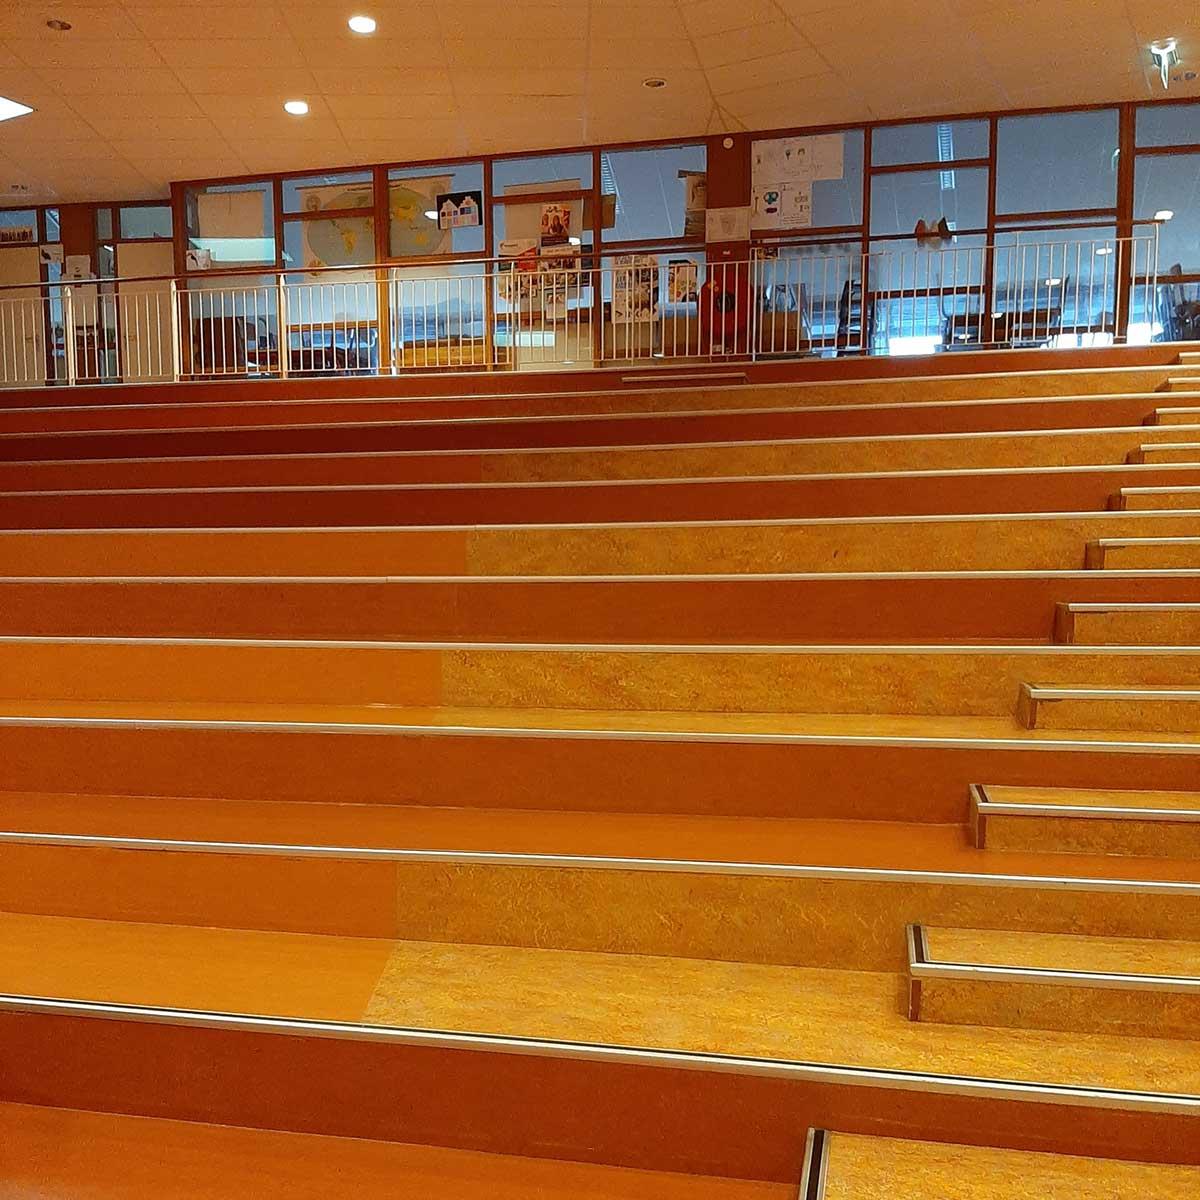 SchoneVloeren.nl Project Broek op Langedijk trappen marmoleum reinigen en polymeren